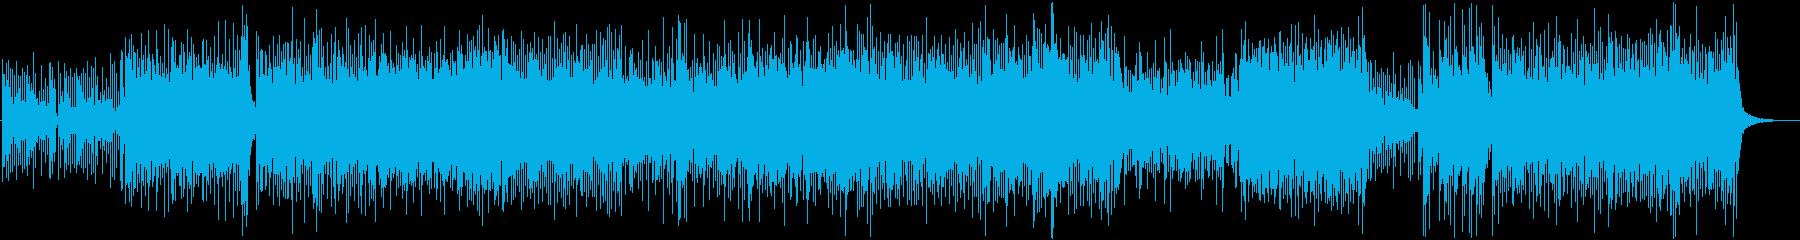 和風、三味線メタル2、激しい(声なし)aの再生済みの波形